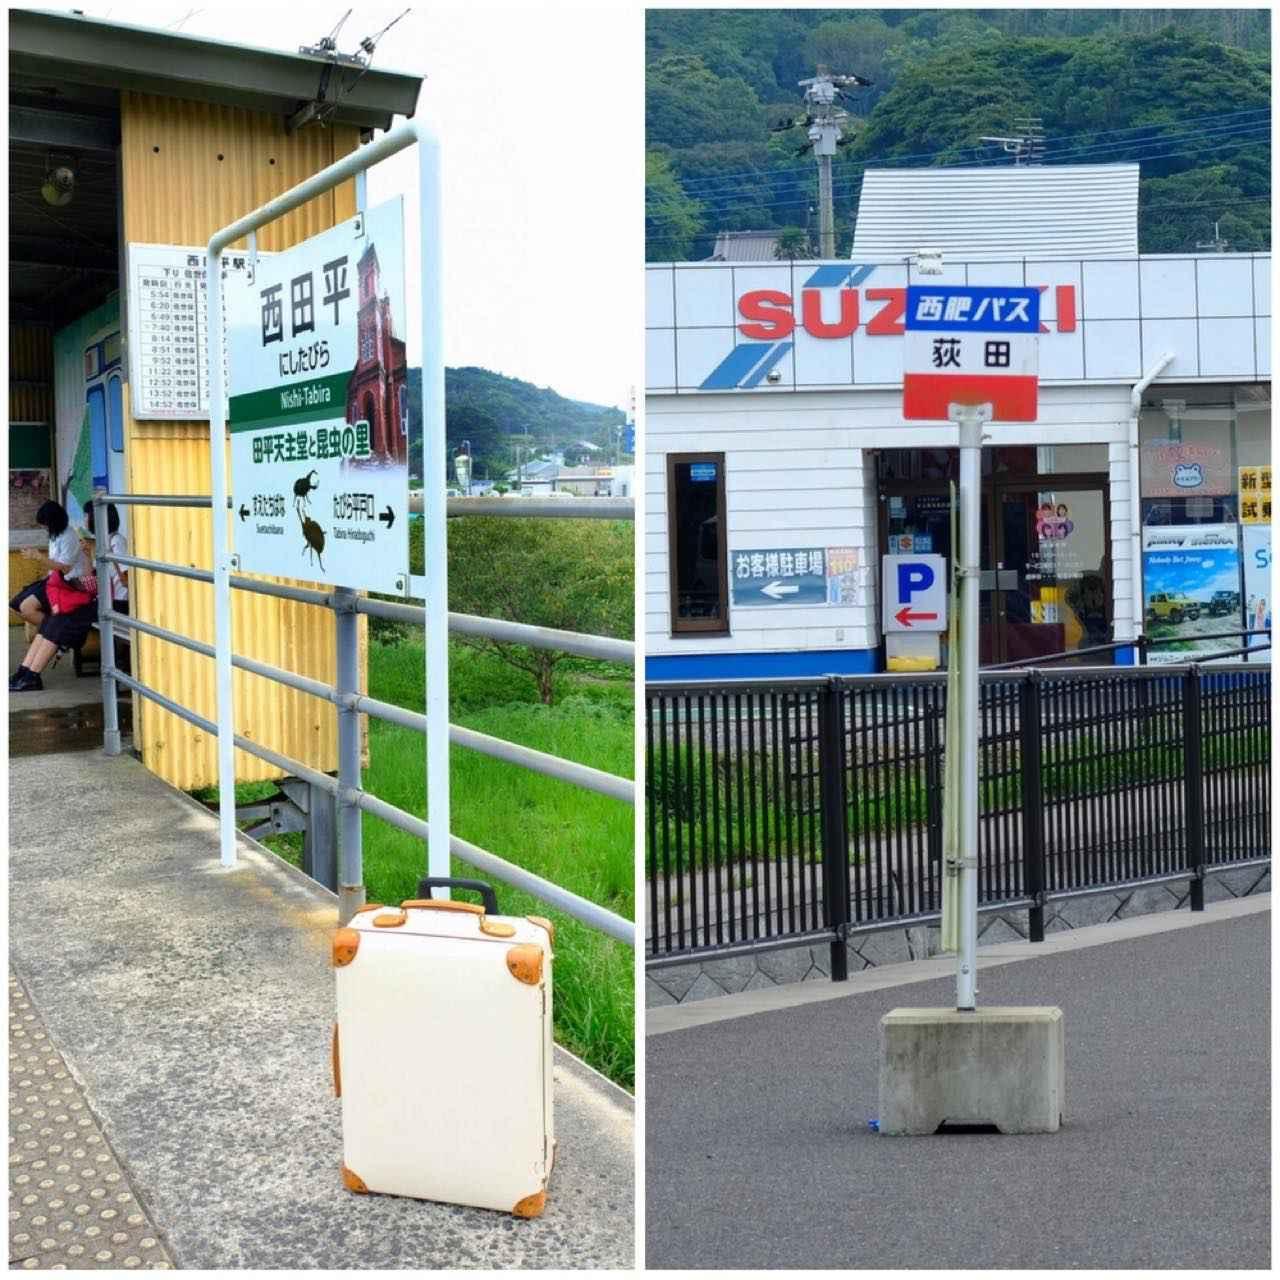 画像: 田平天主堂は松浦鉄道「西田平駅」かバスの「荻田バス停」が最寄りです。少し行きにくい場所なのですが、後悔はさせない長崎を代表する名建築でした。